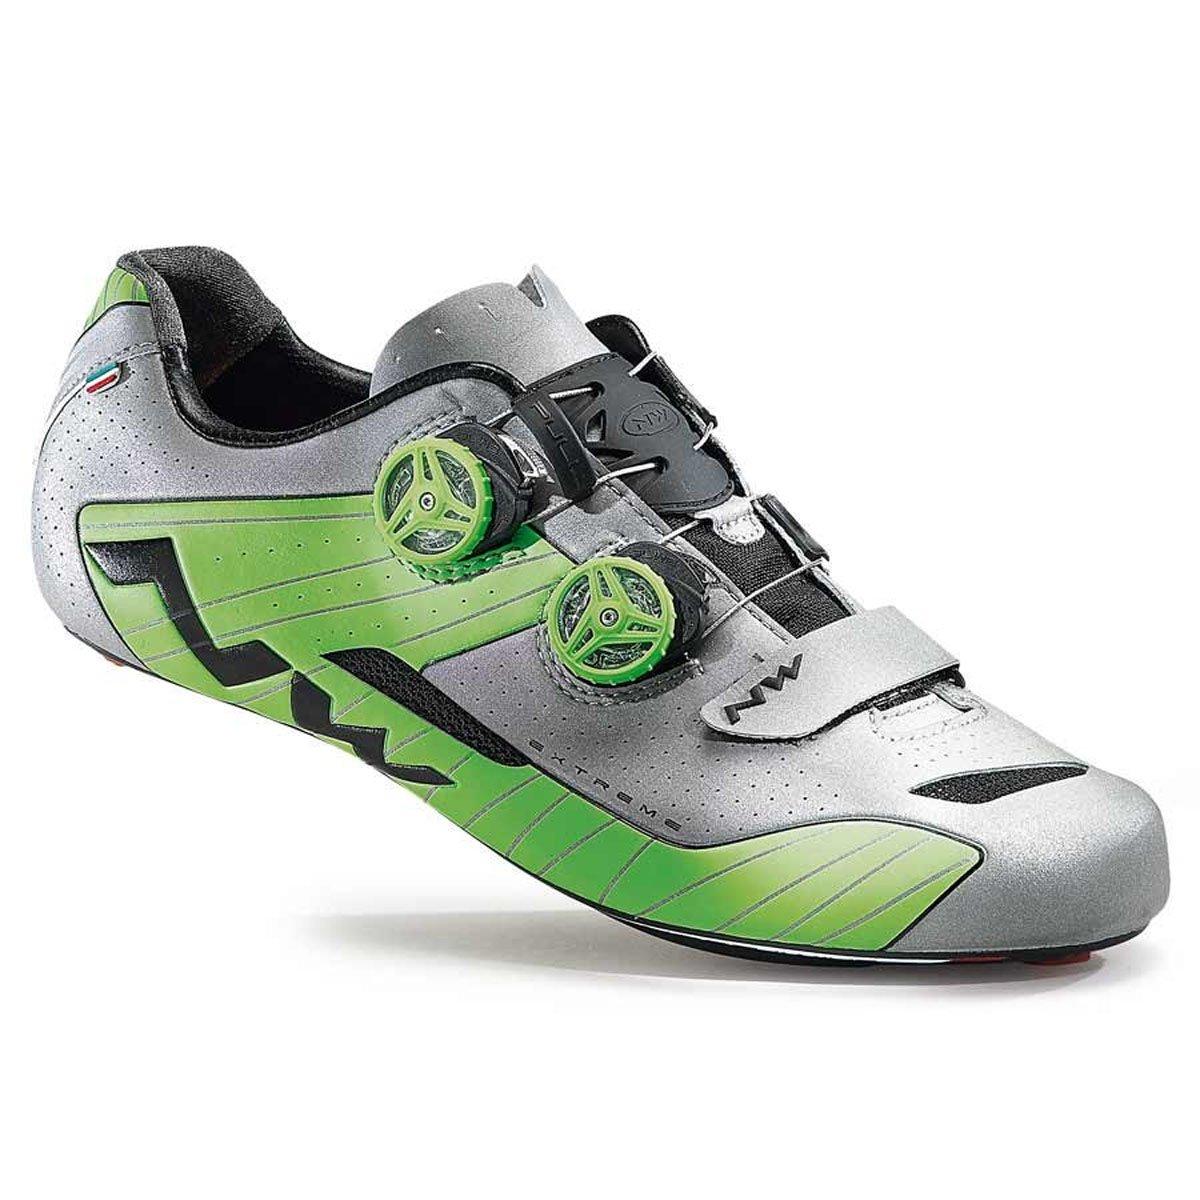 Northwave Extreme Rennrad Rennrad Rennrad Fahrrad Schuhe Silber grün 2016 5d0aa8